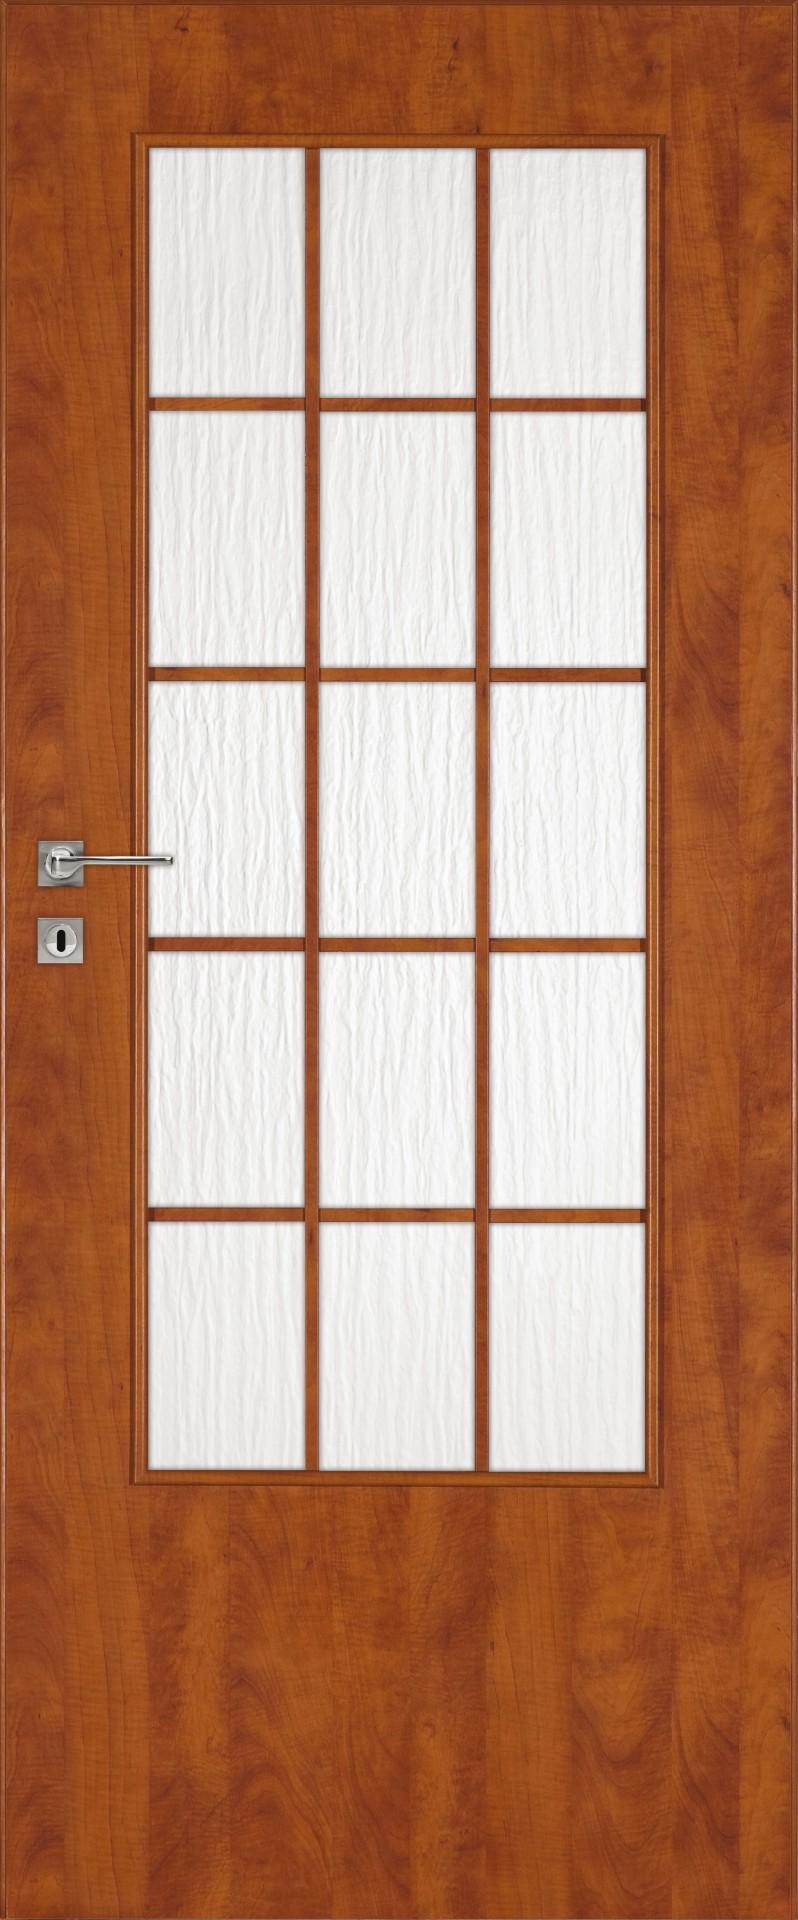 Dre dveře Standard 30s, Šíře v cm 90